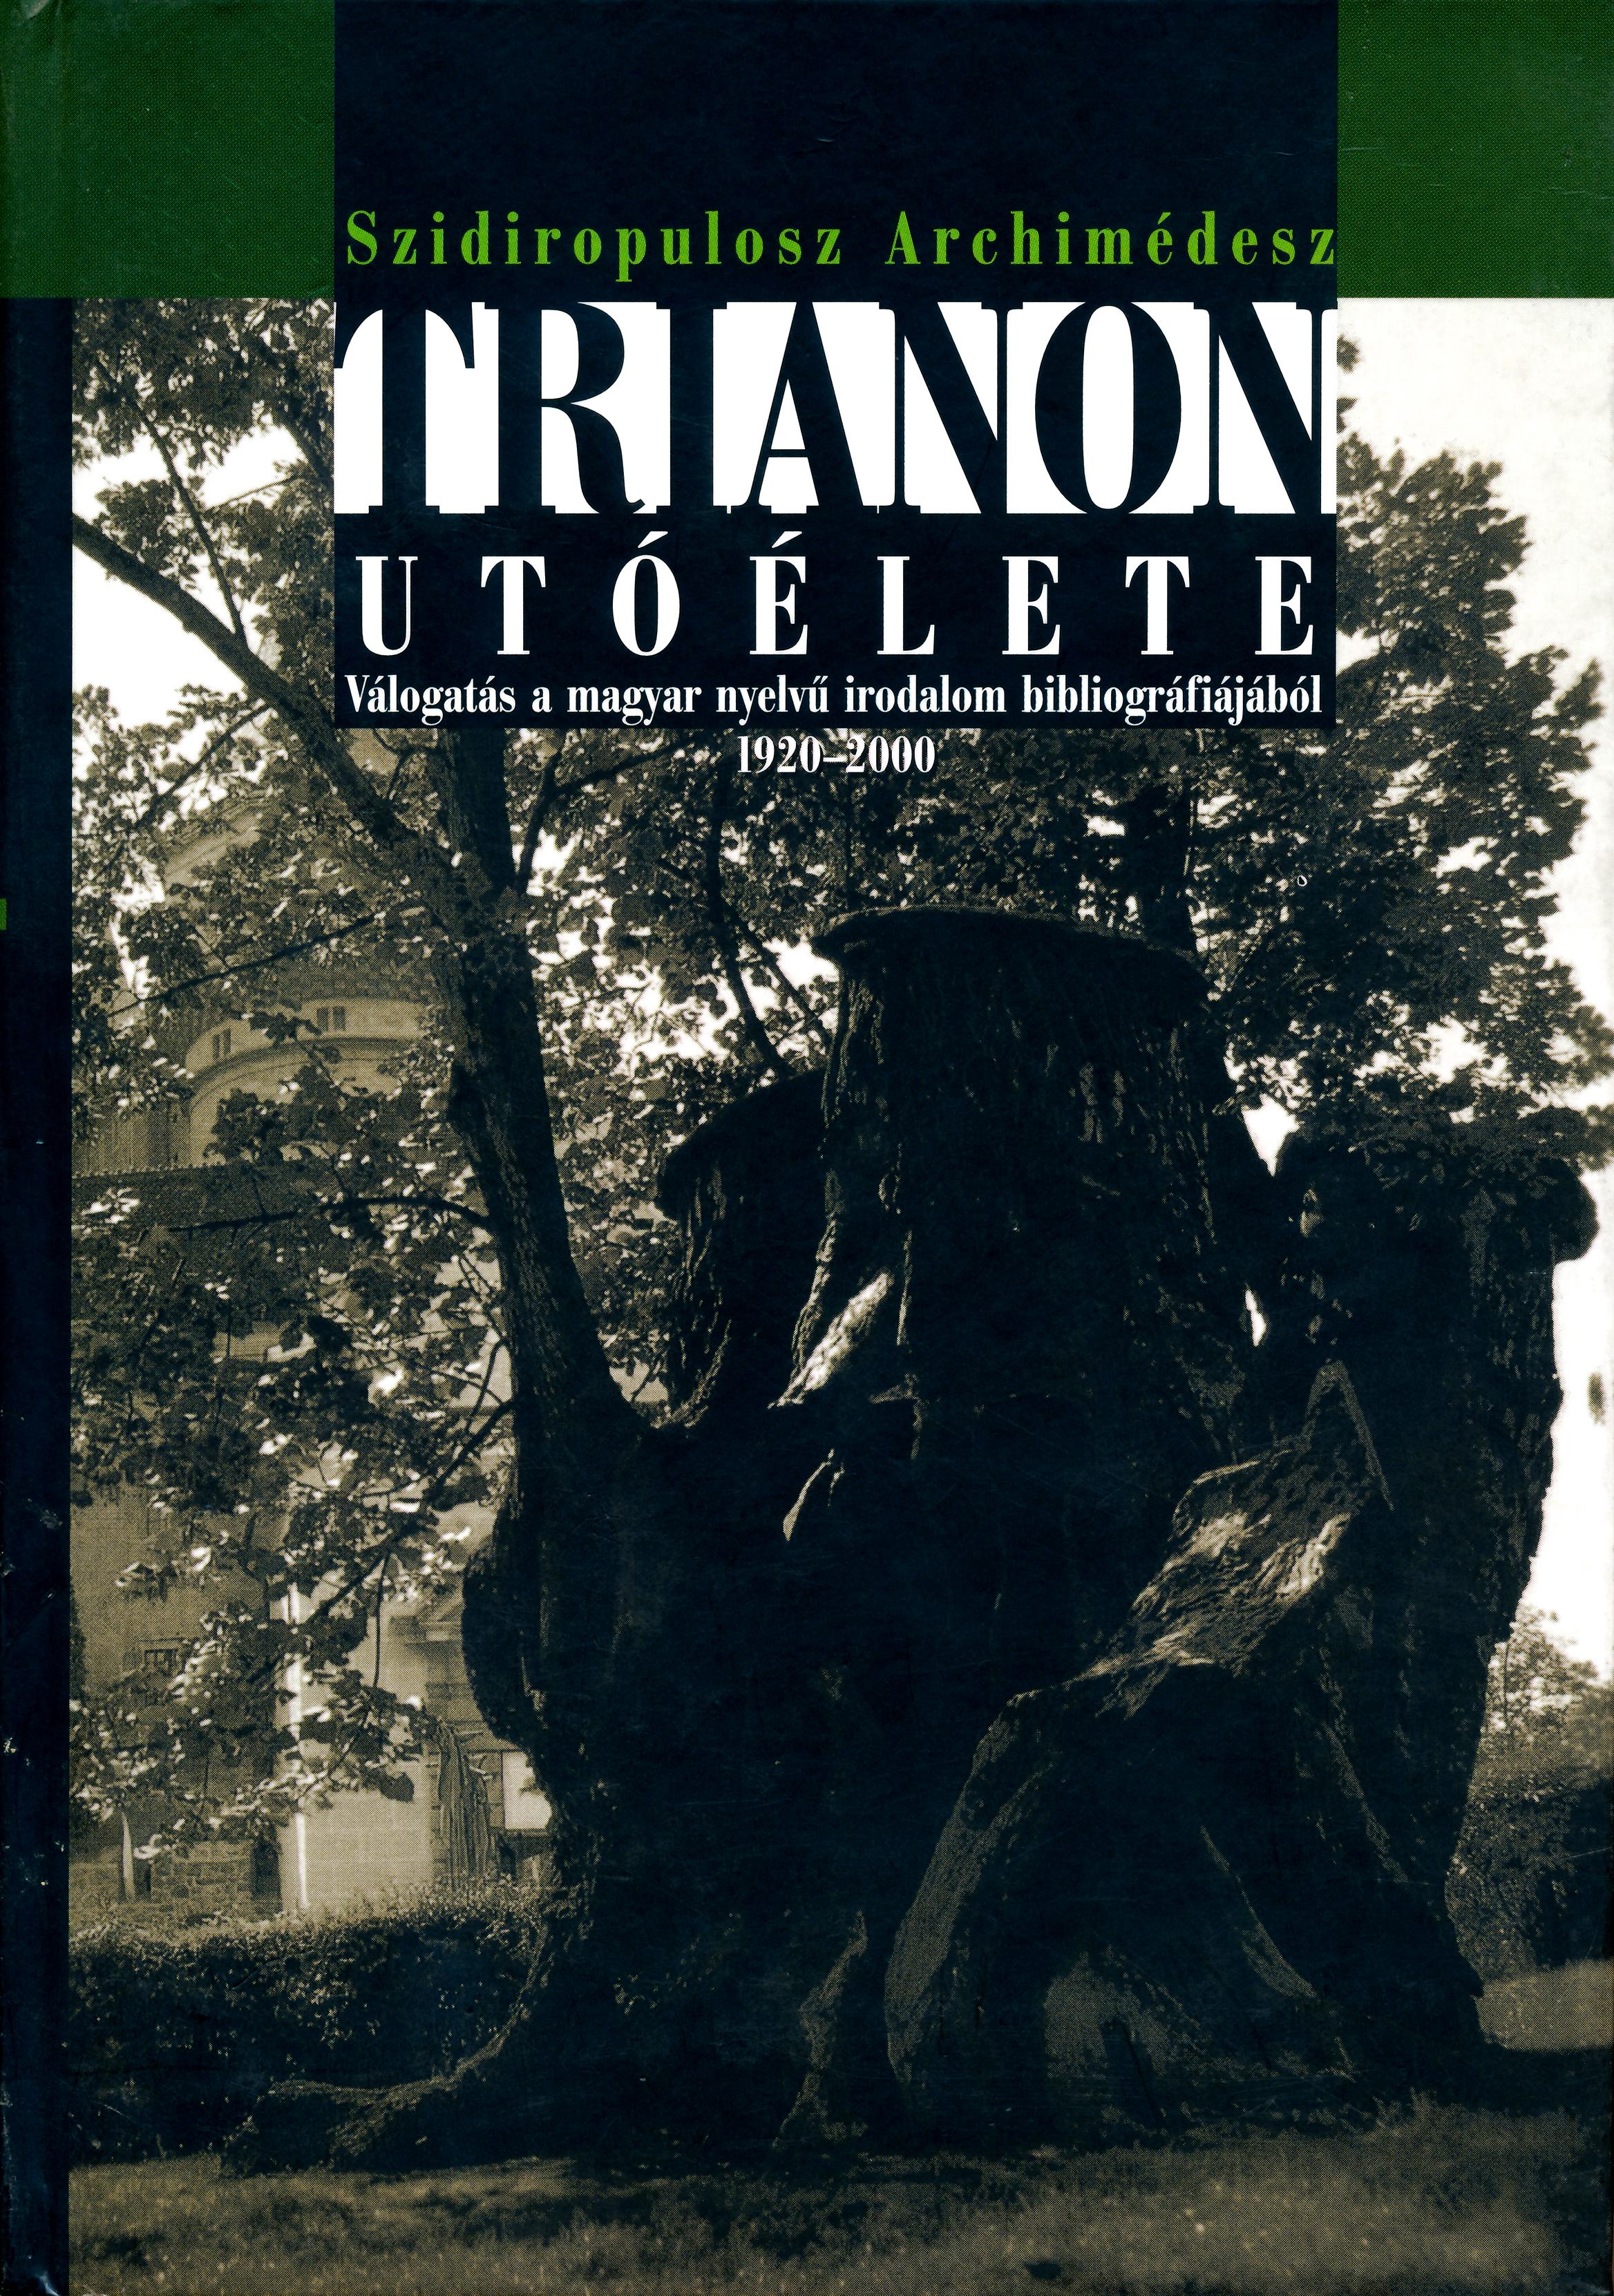 Trianon utóélete – Válogatás a magyar nyelvű irodalom bibliográfiájából 1920-2000